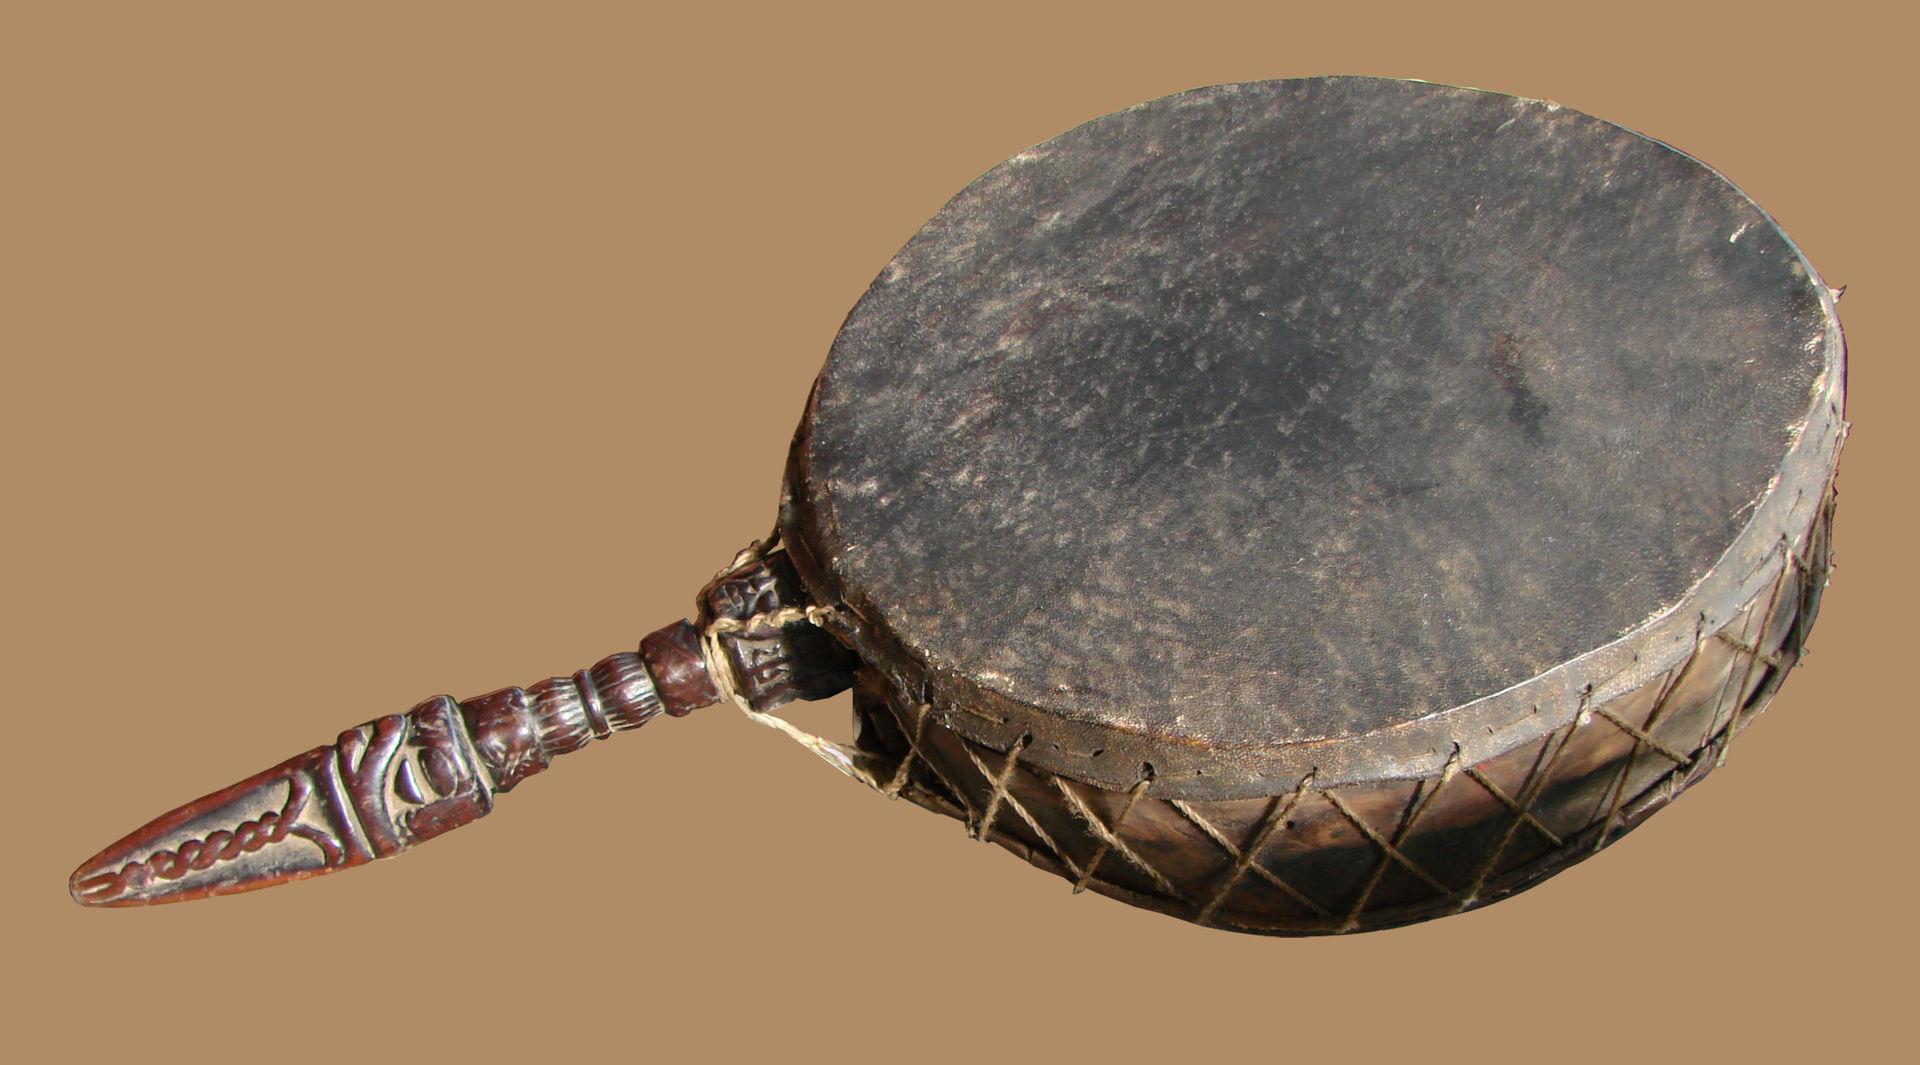 Tamburo tradizionale nepalese. Ha una parte di impugnatura che è rappresentata praticamente da una riproduzione di un phurba, un coltello rituale tradizionale. Fonte Wikipedia